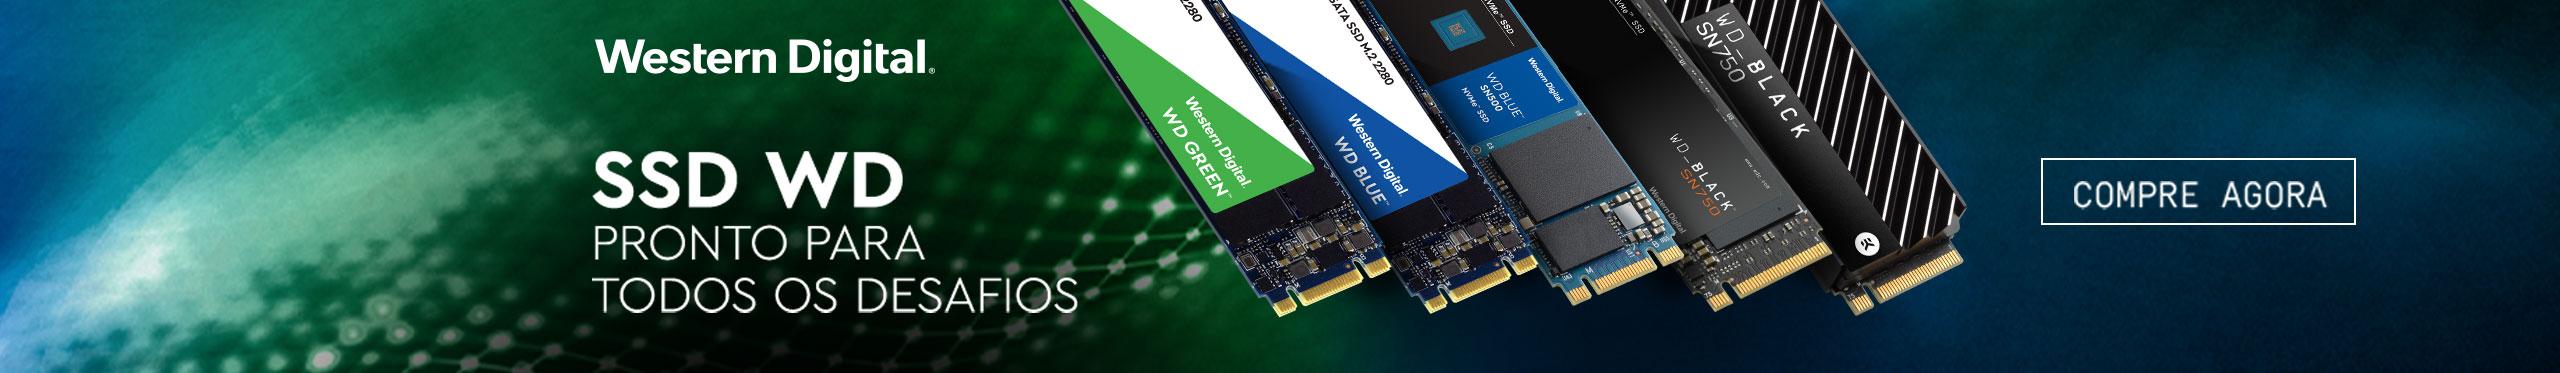 SSD Western Digital, prontos para todos os desafios, Clique e confira!